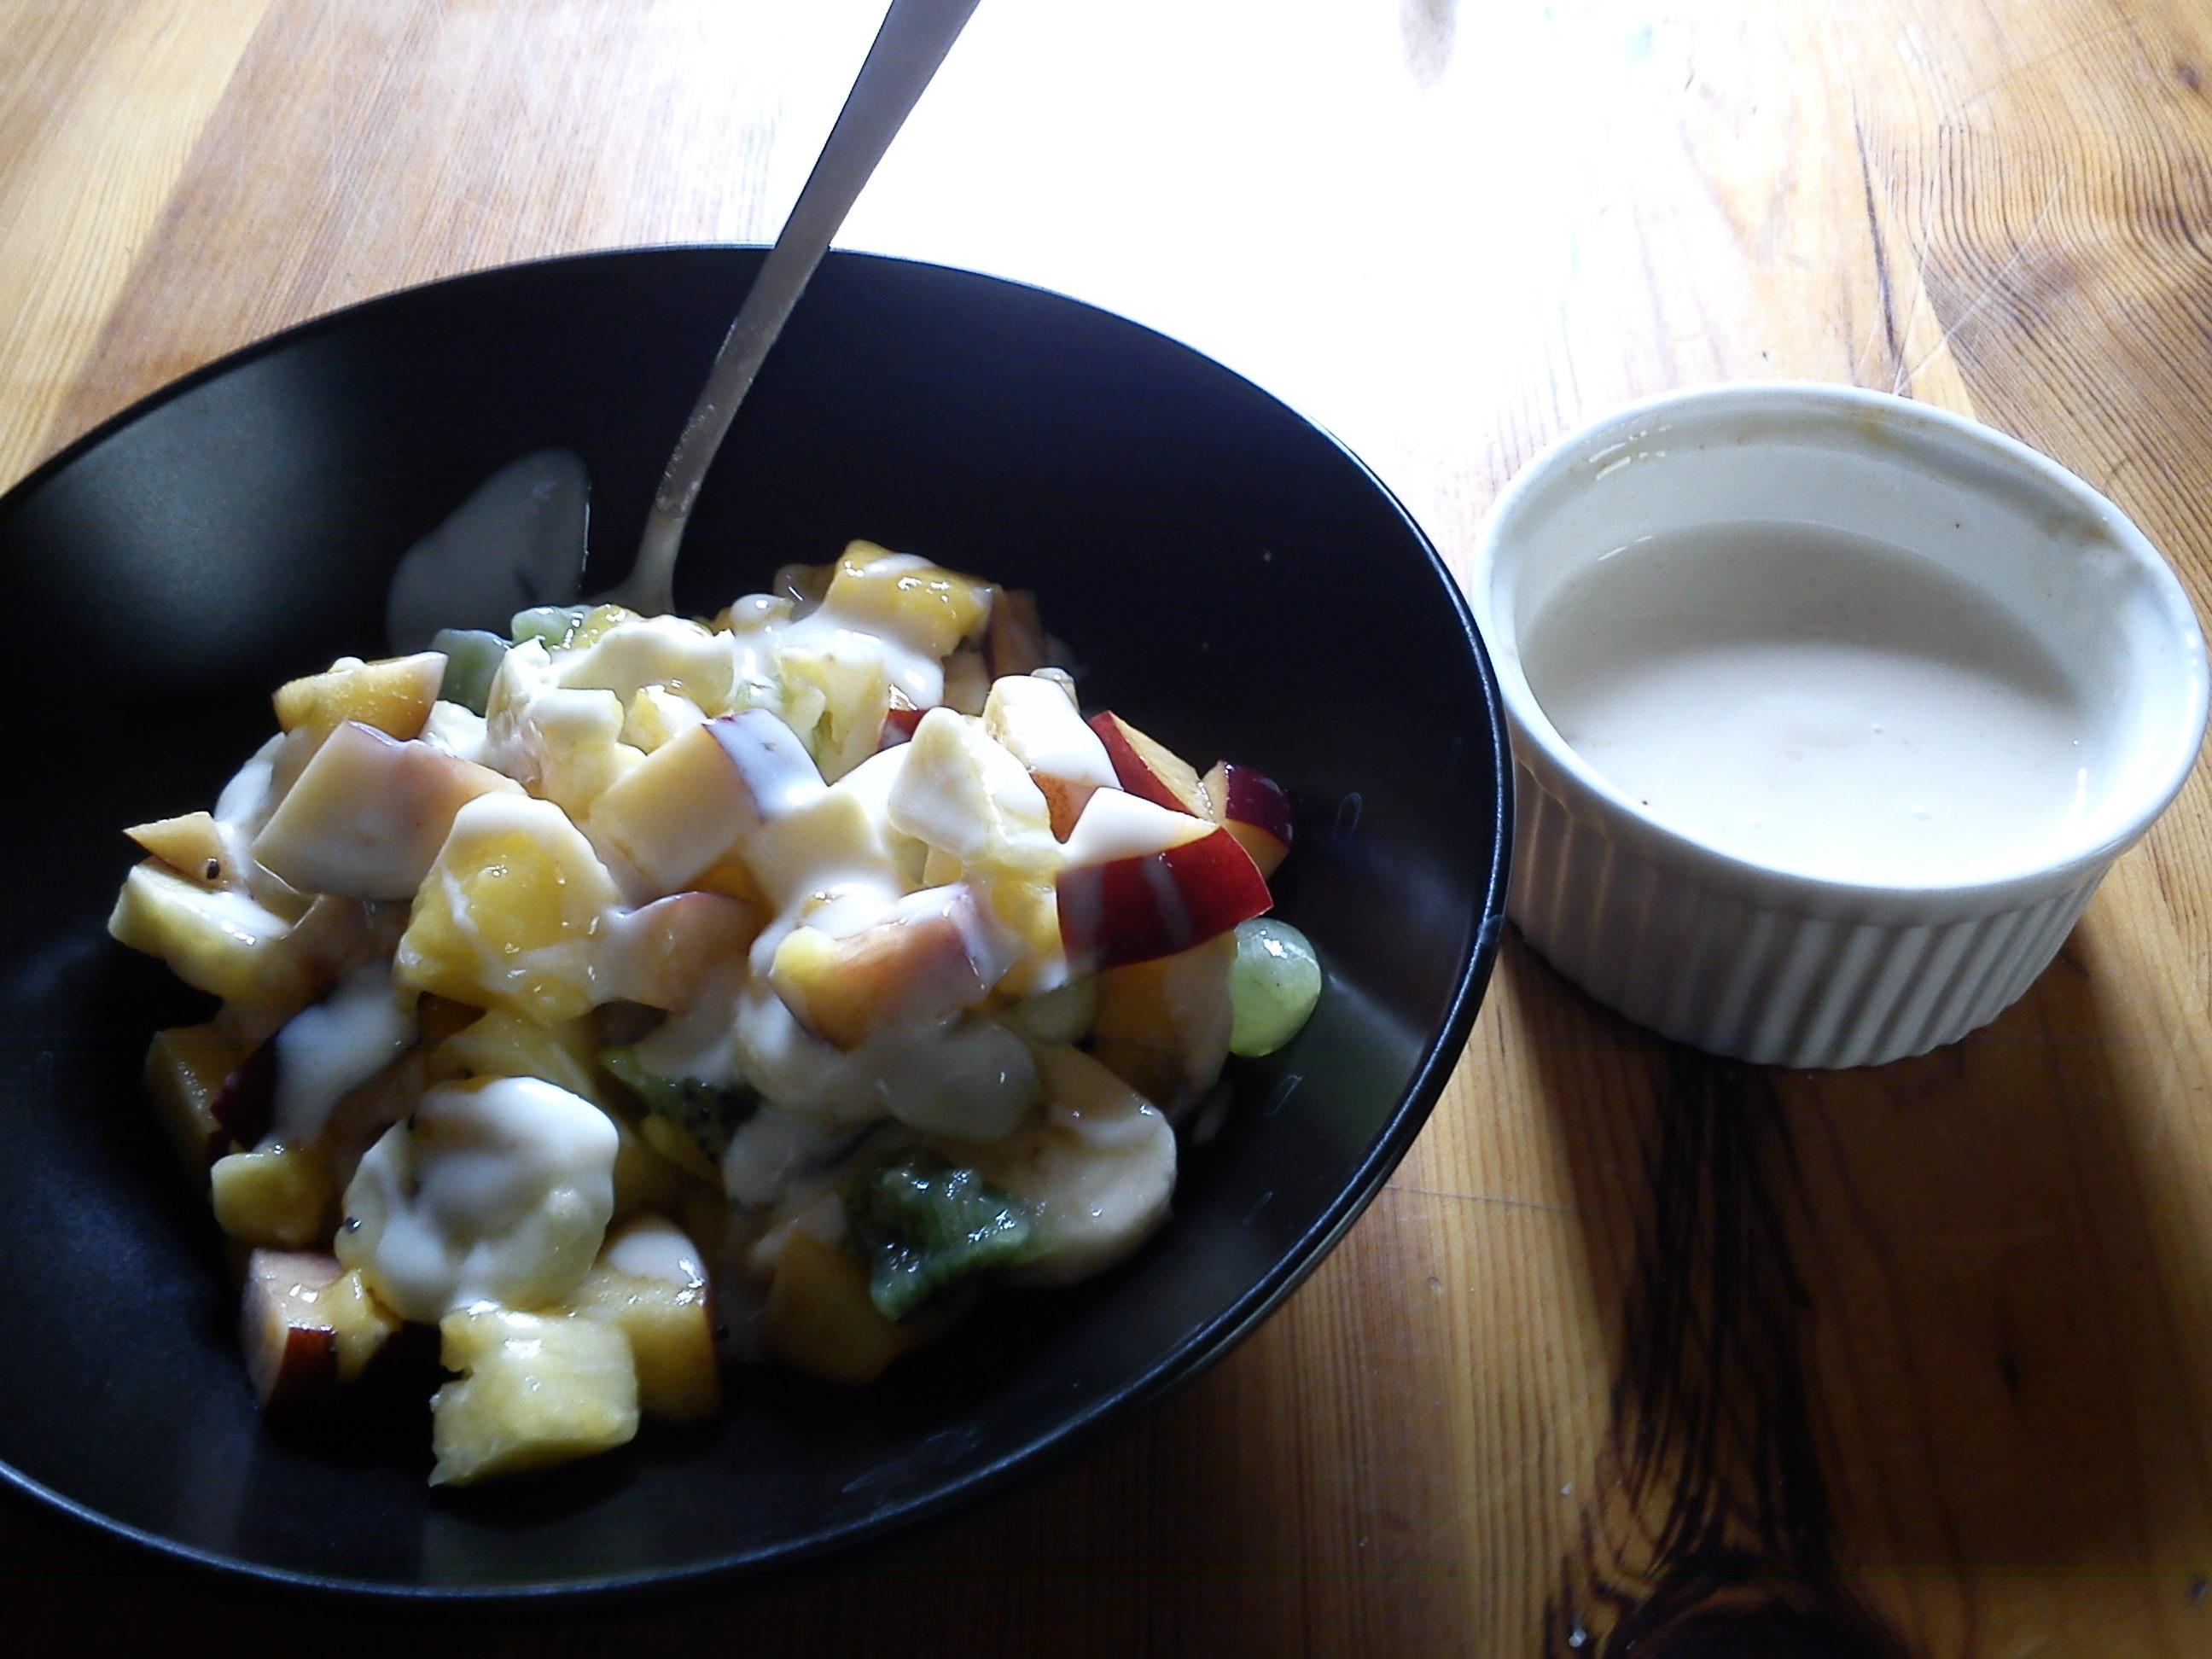 creme fraiche sås till fruktsallad fruktsallad